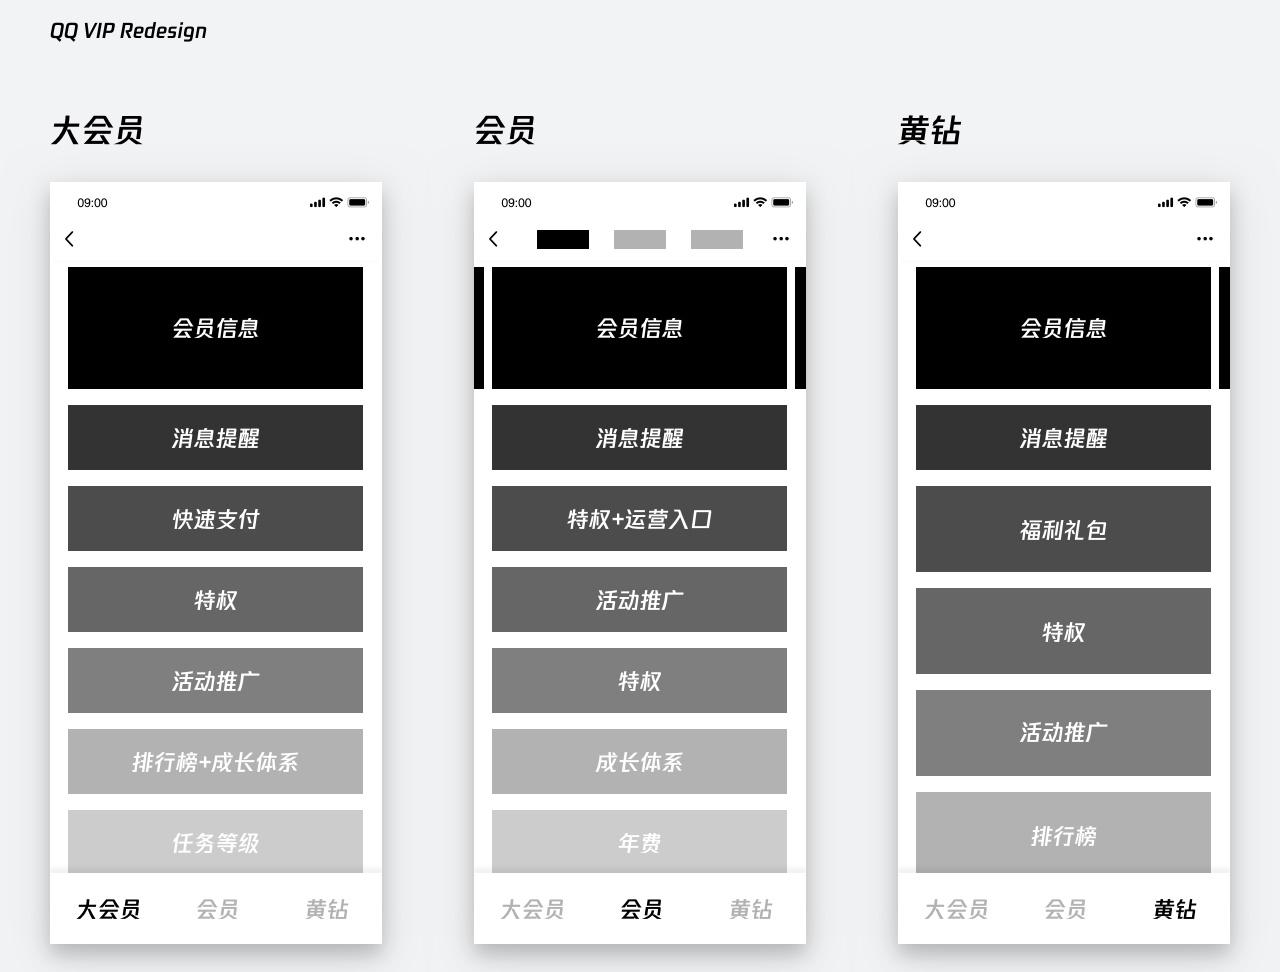 实战复盘!QQ VIP 官网是如何做改版设计的?